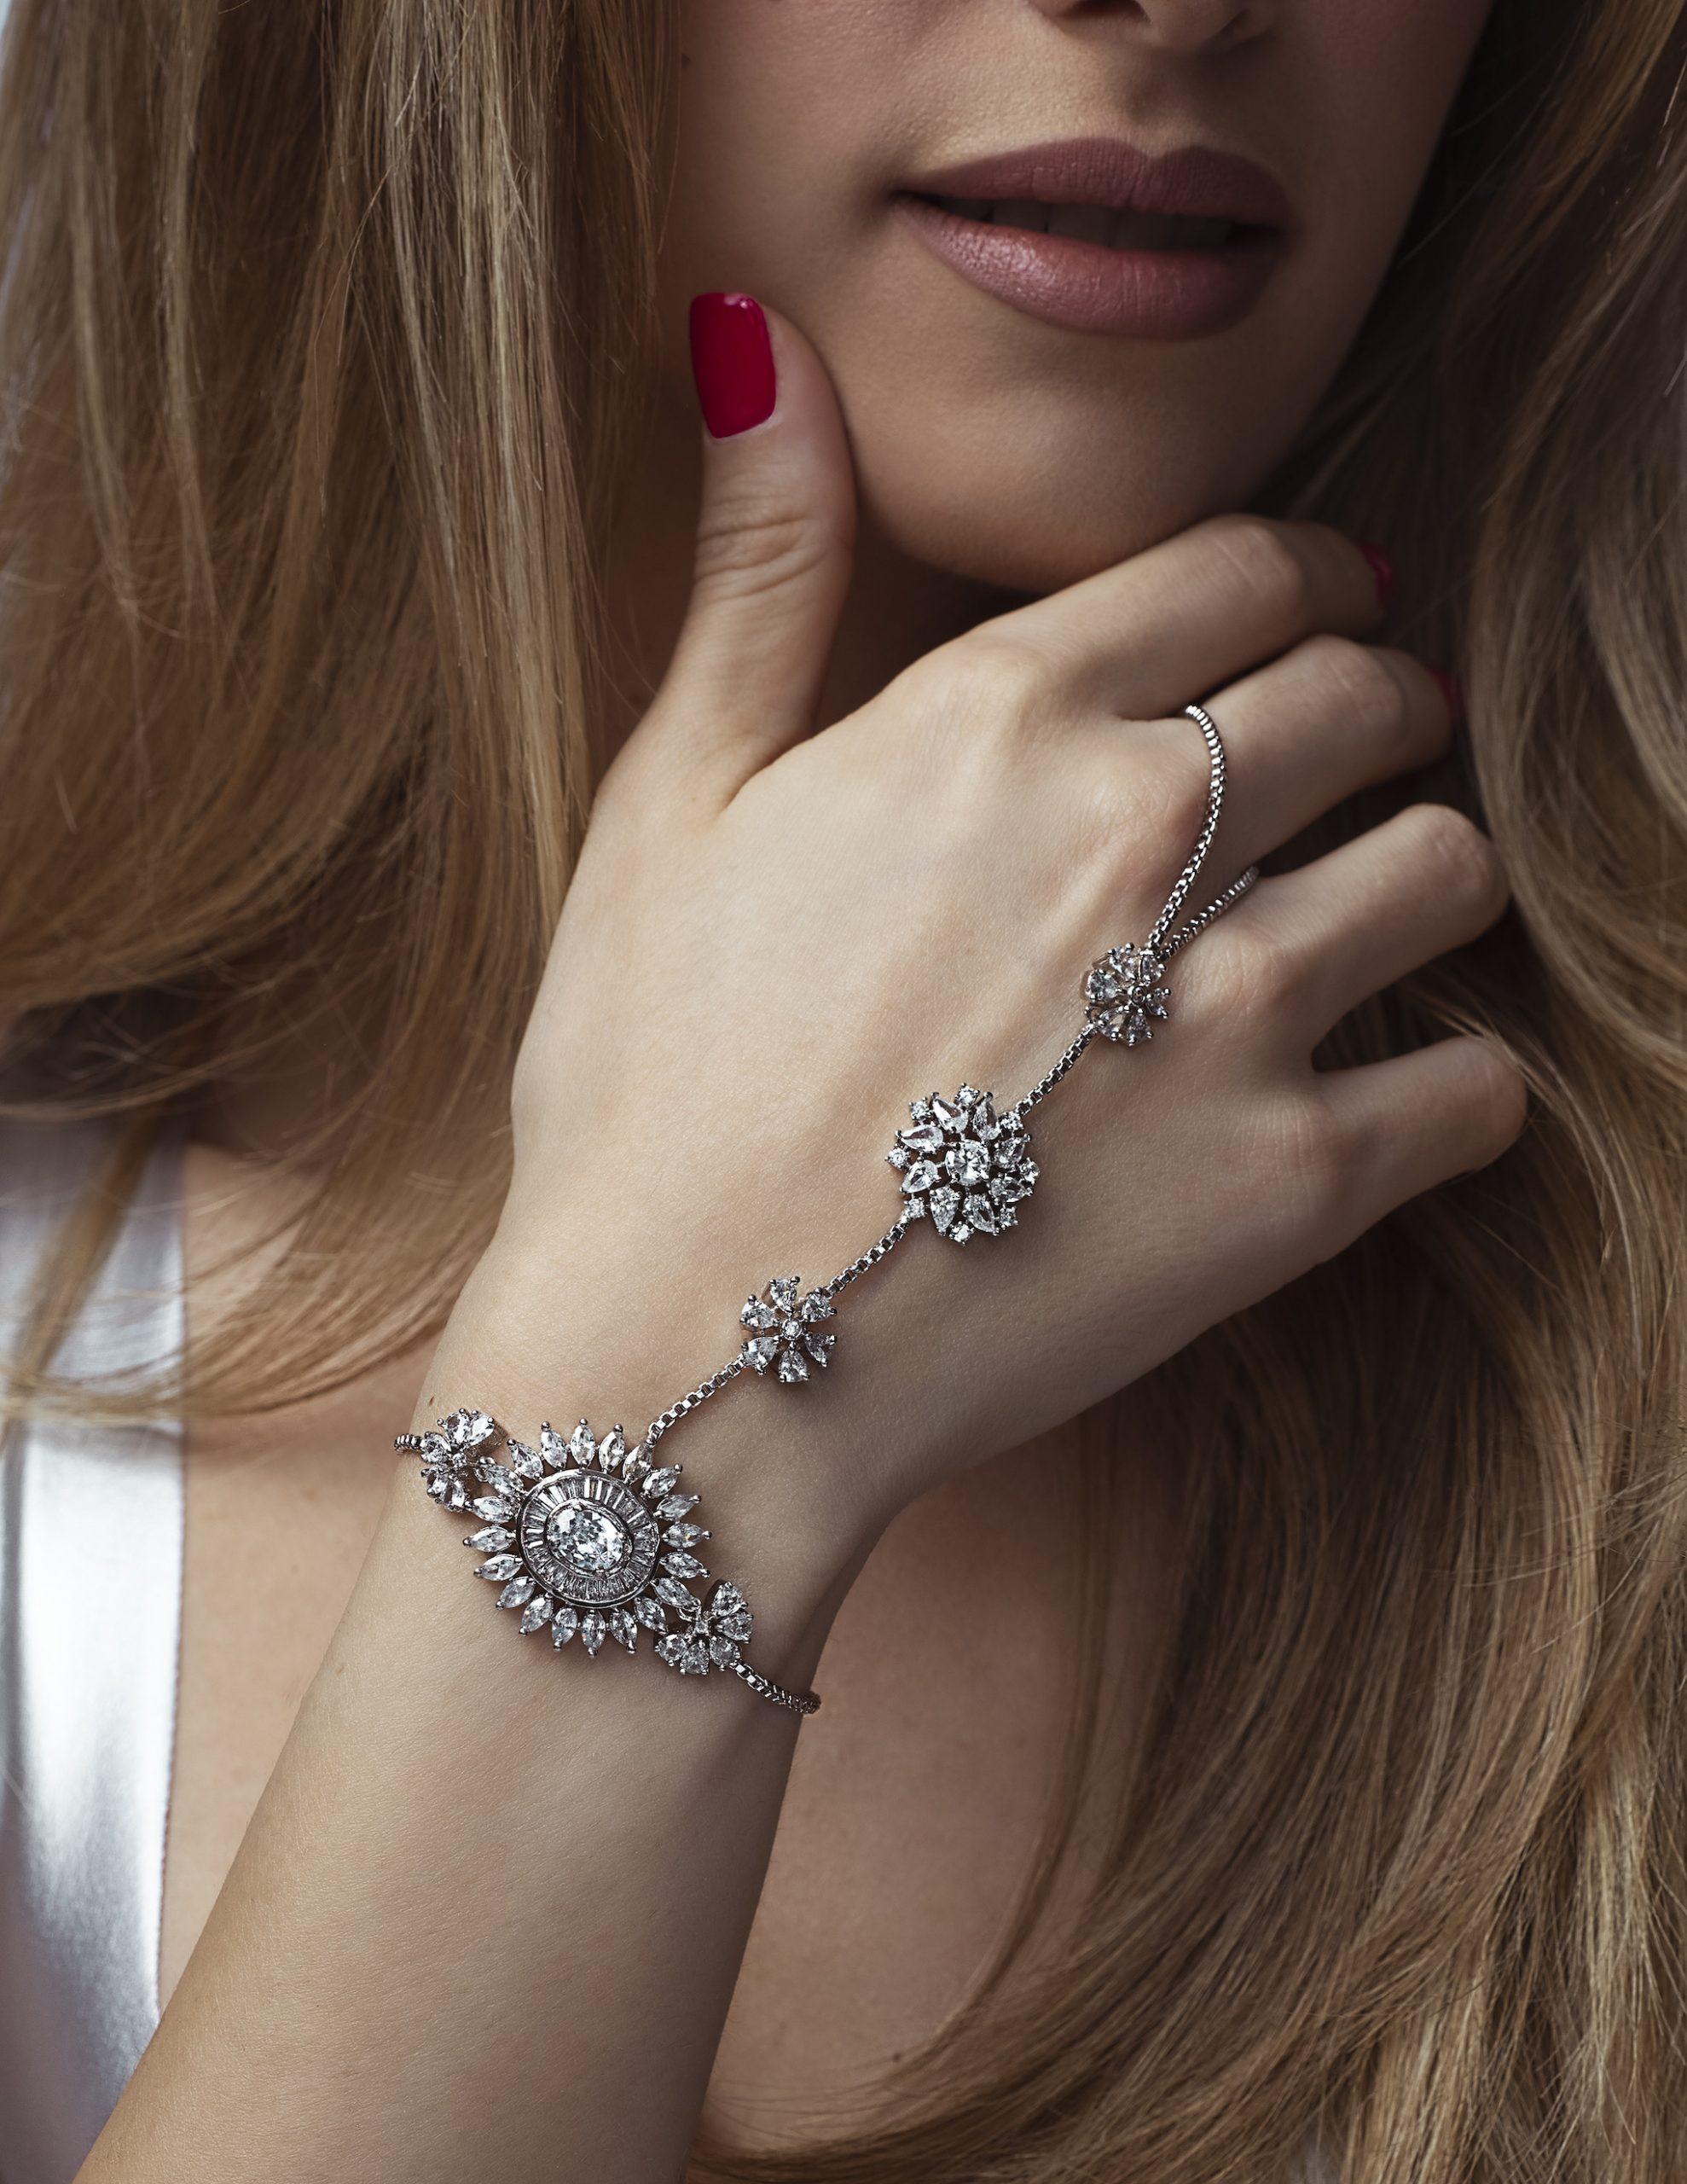 silver bracelet 240 dpi